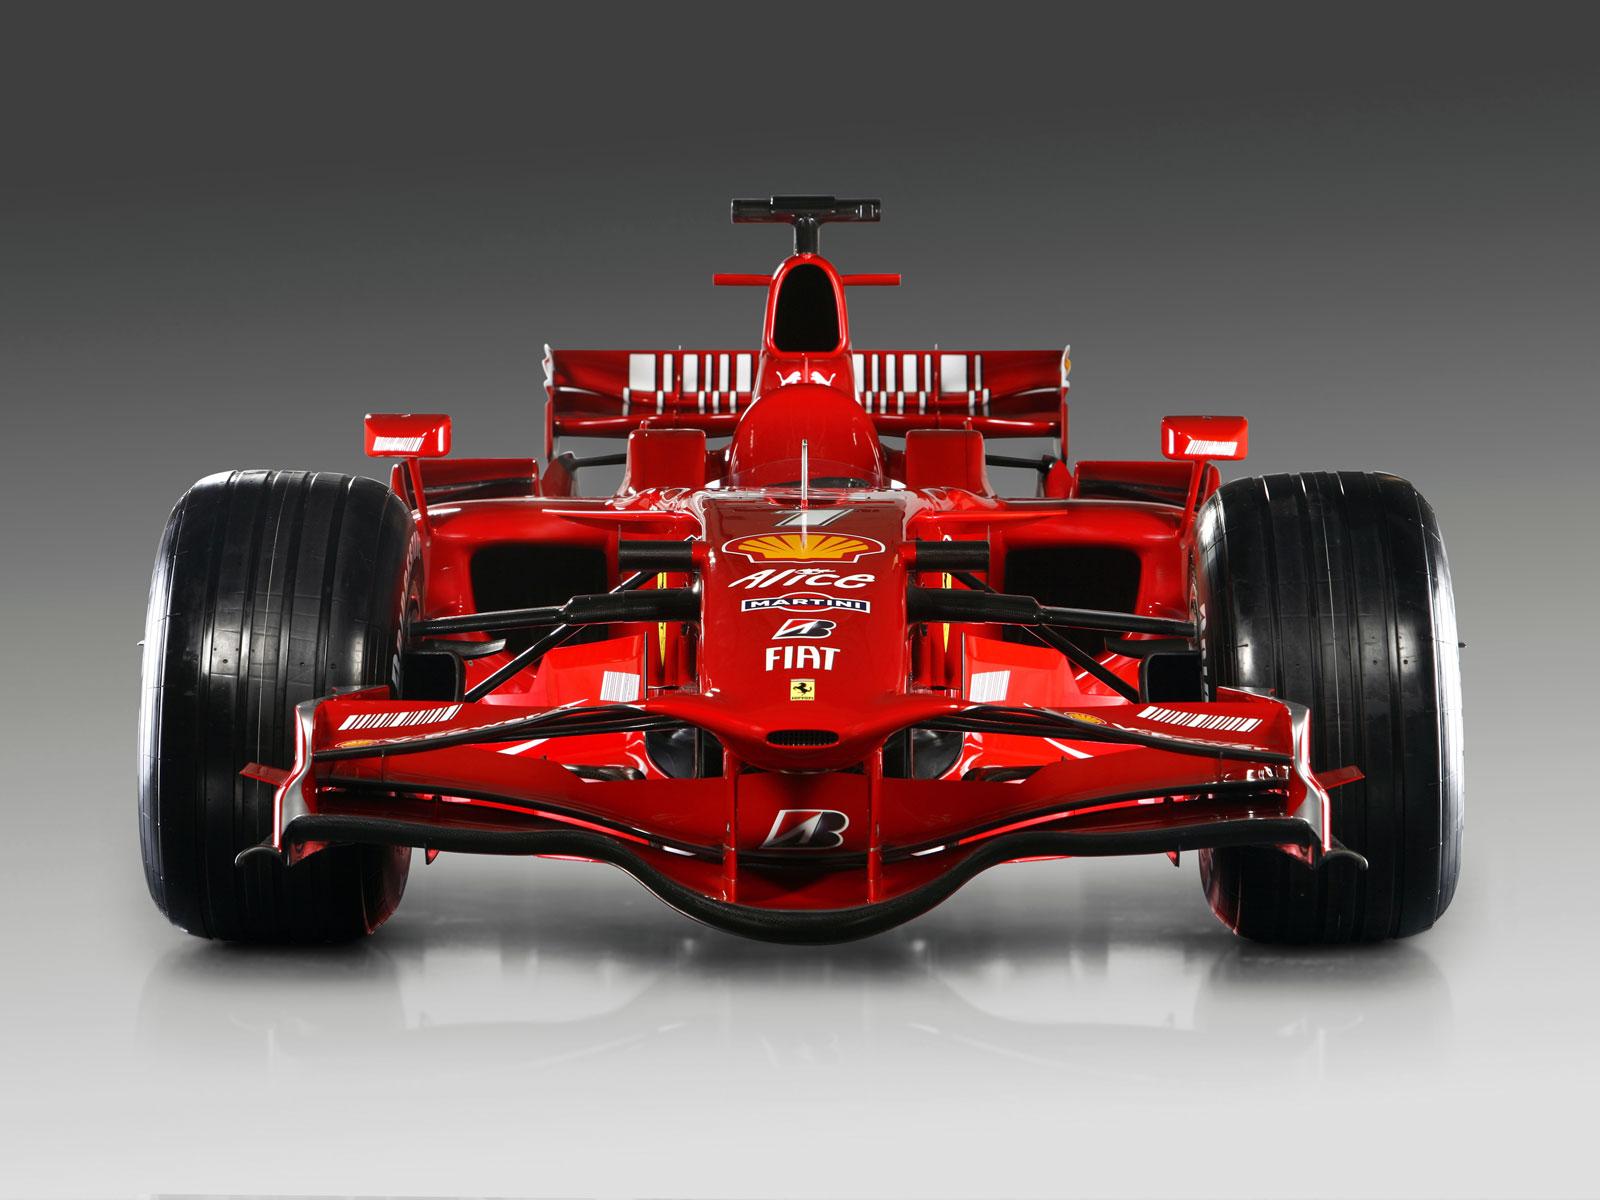 red car, formula 1, гонки, красная машина, спортивный автомобиль